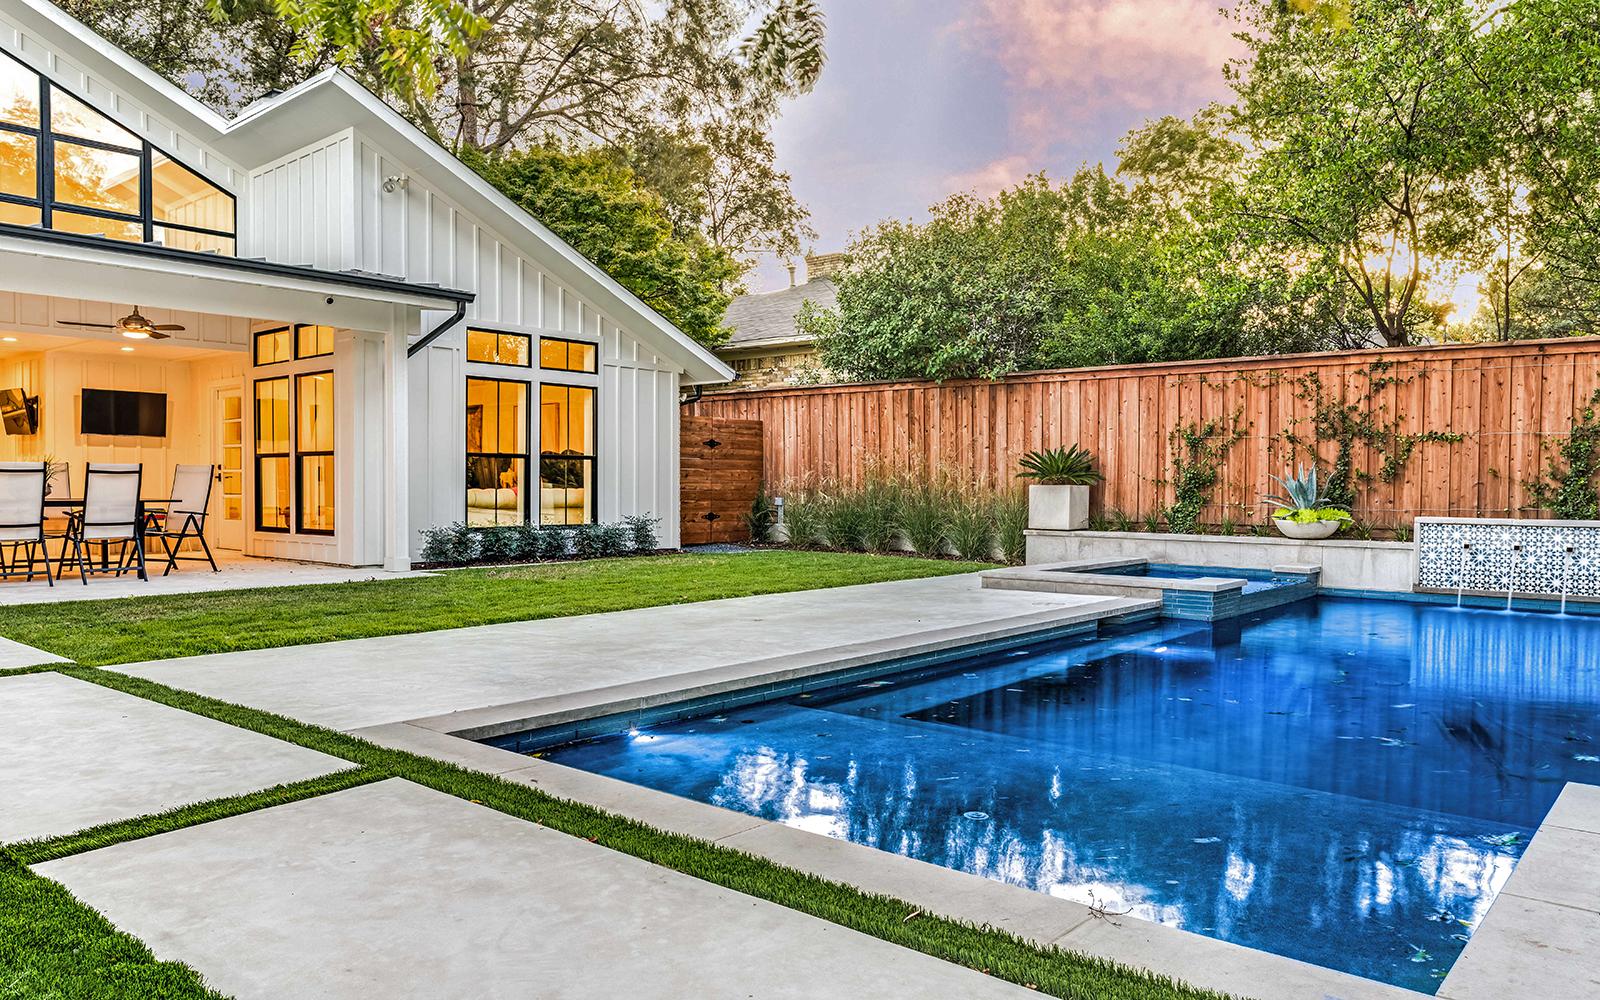 lakewood-rear-modern-pool-spa.jpg